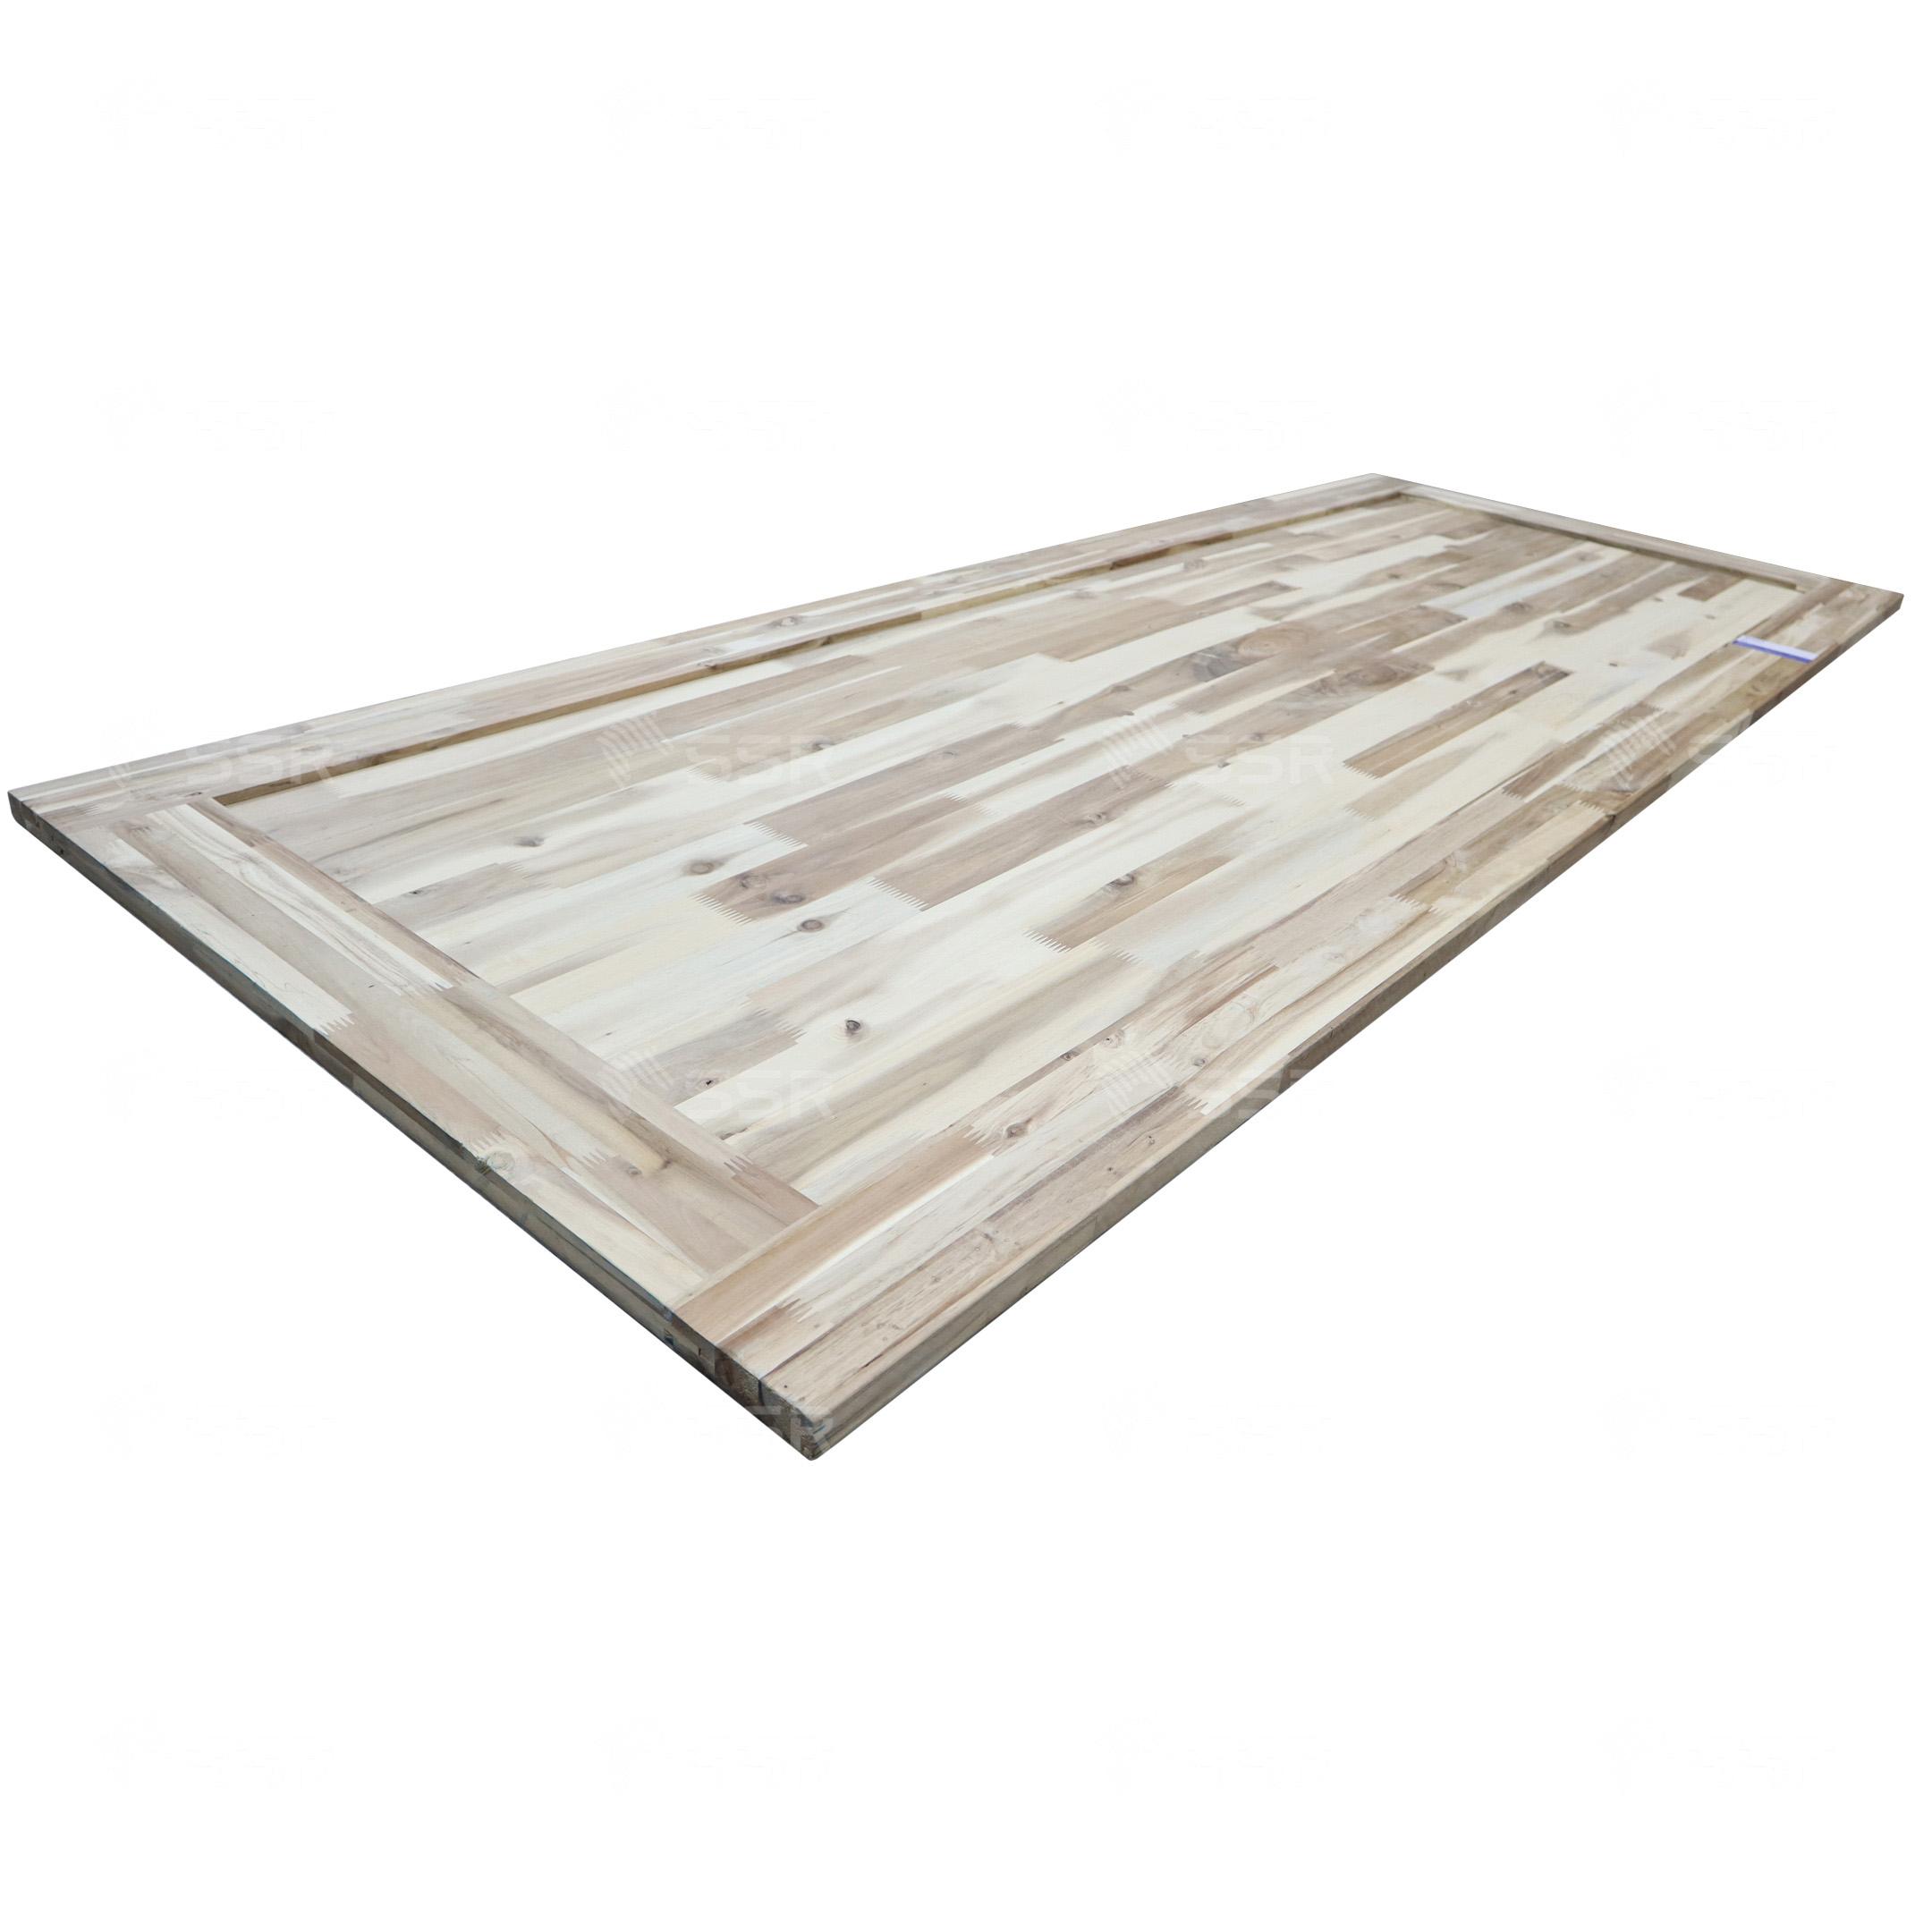 아카시아 목제 문 단단한 나무 천연 나무 단단한 나무 나무 판자 목재 패널 나무 보드 목재 산업 국제 목재 제품 공급 업체 FSC 인증